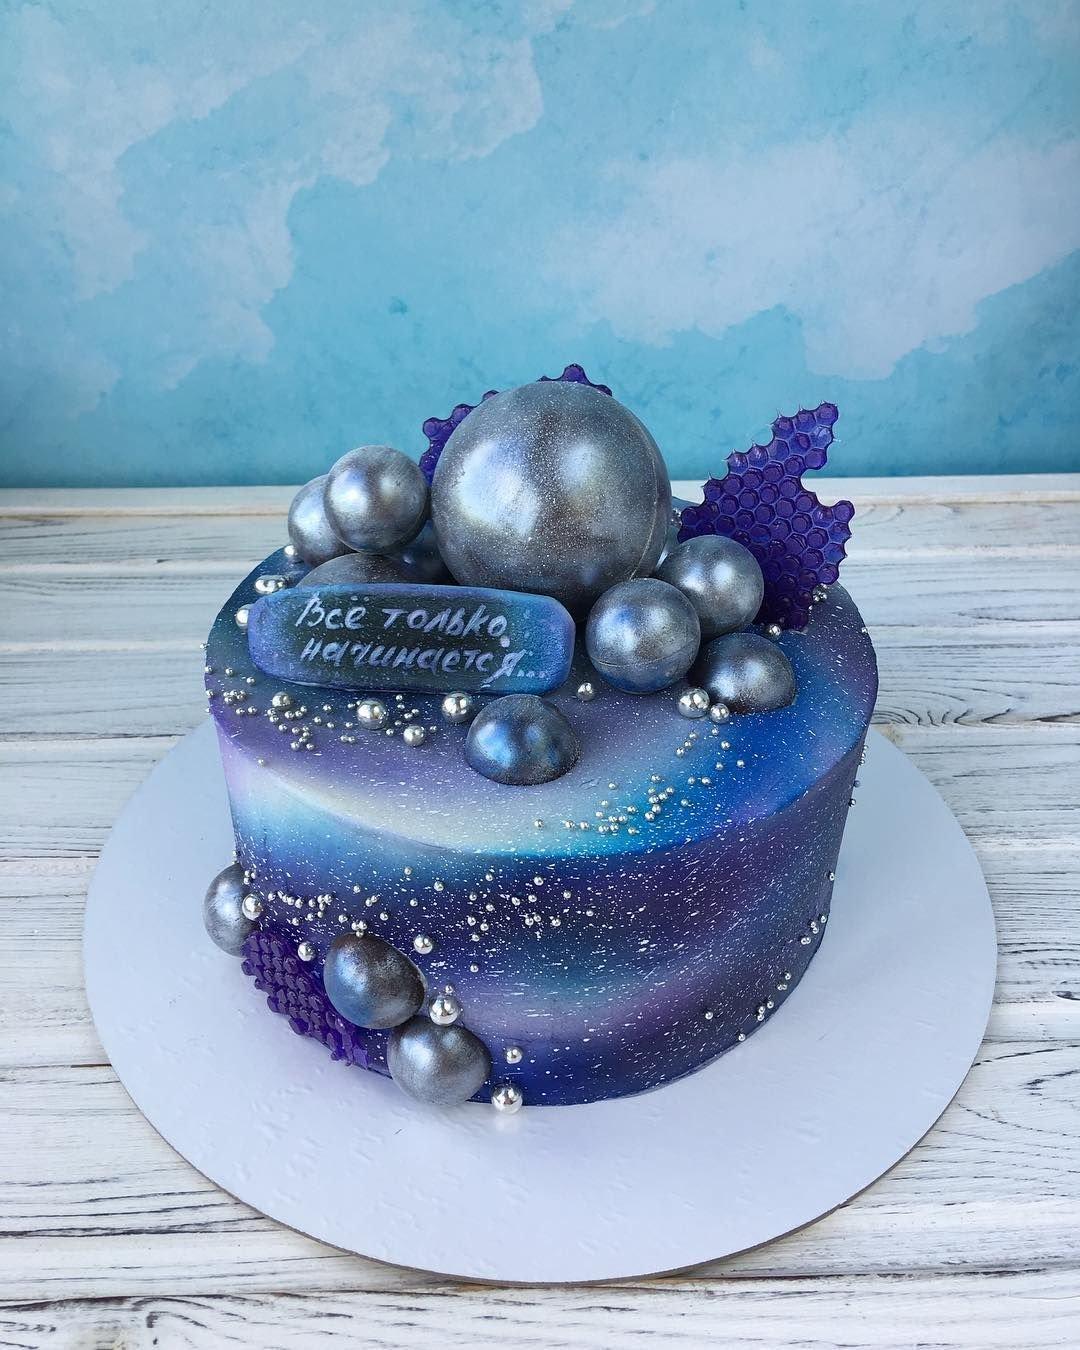 двух упомянутых торт в виде космоса фото участия ней